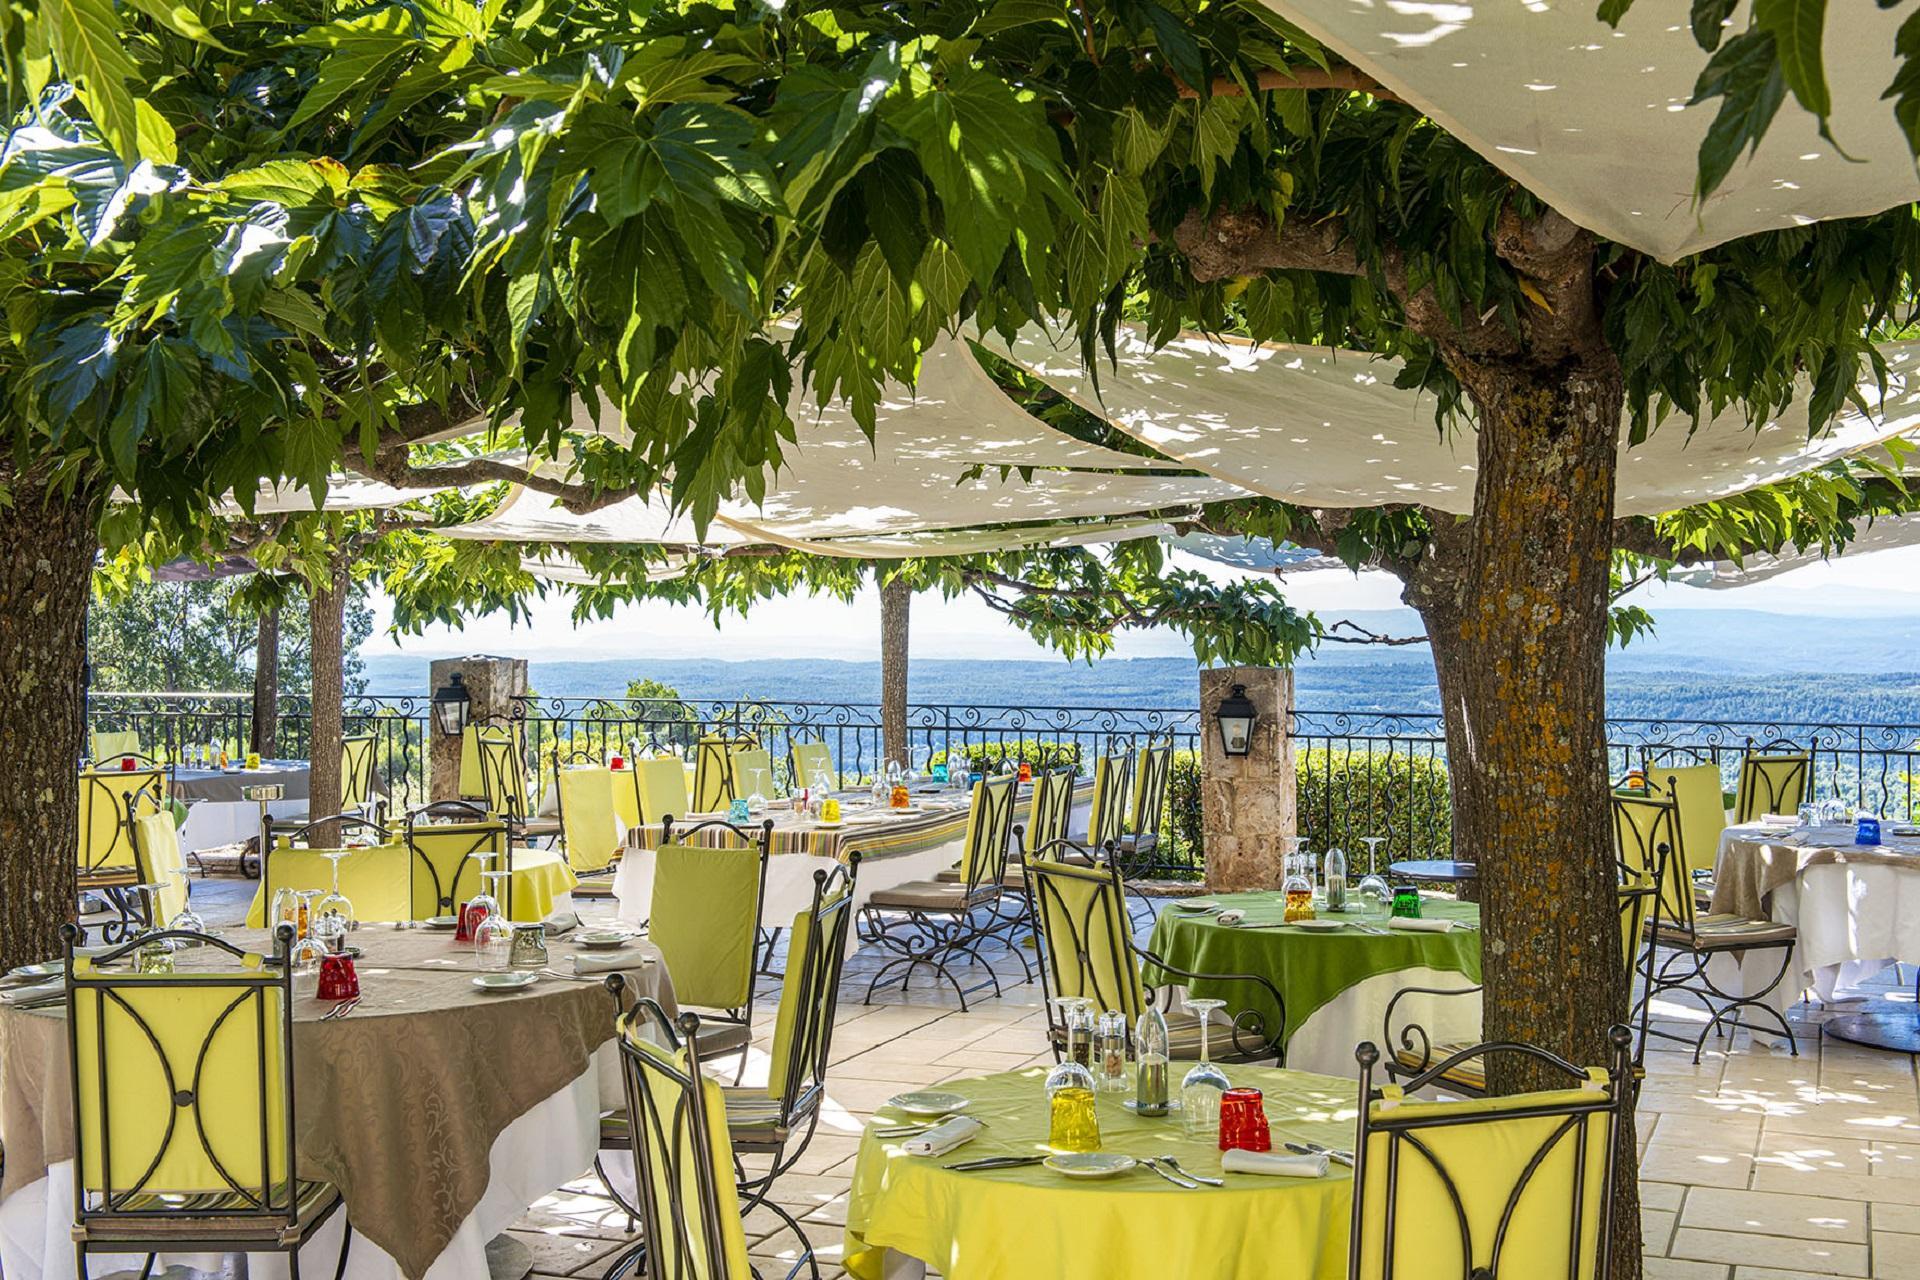 la-bastide-de-tourtour-sud-provence-var-terrasse-360-seminaires-de-caractere